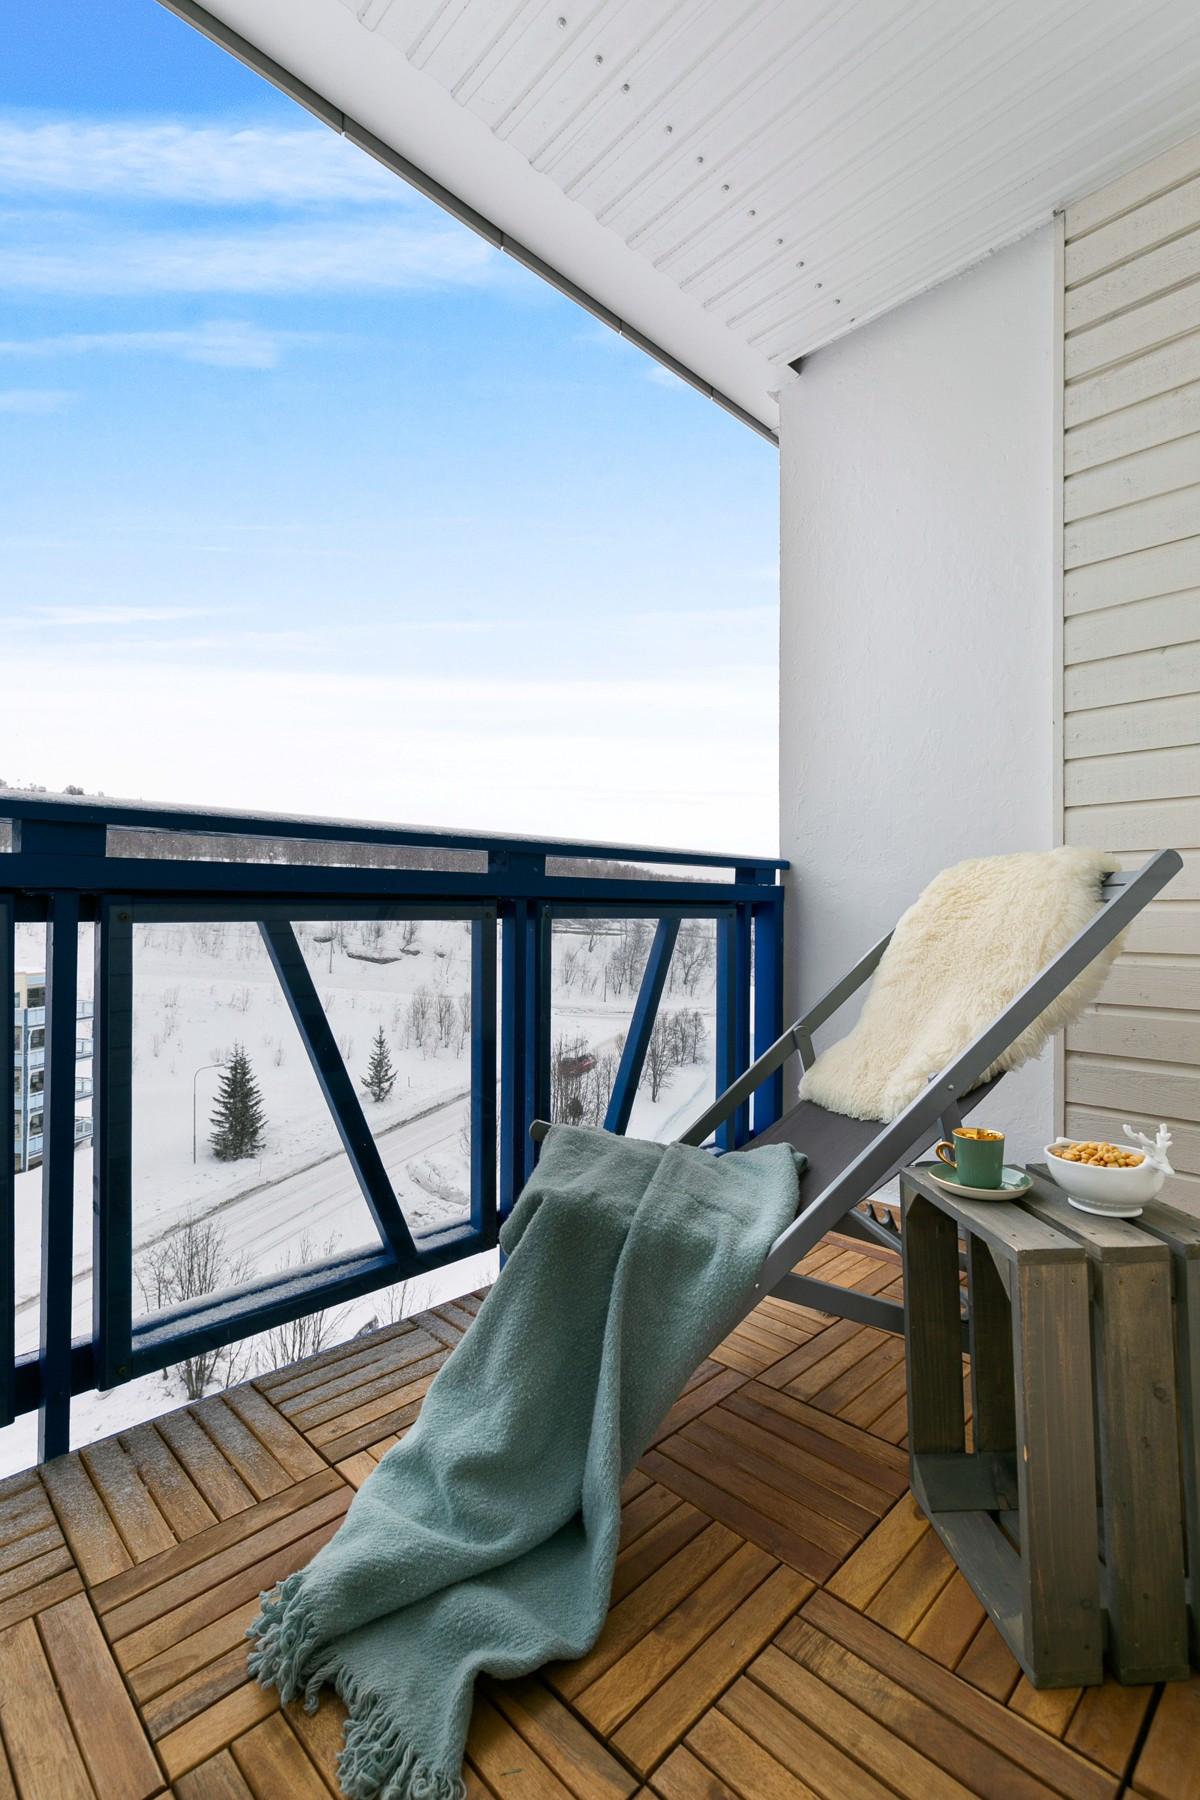 Fra soverom er det utgang til takoverbygd balkong